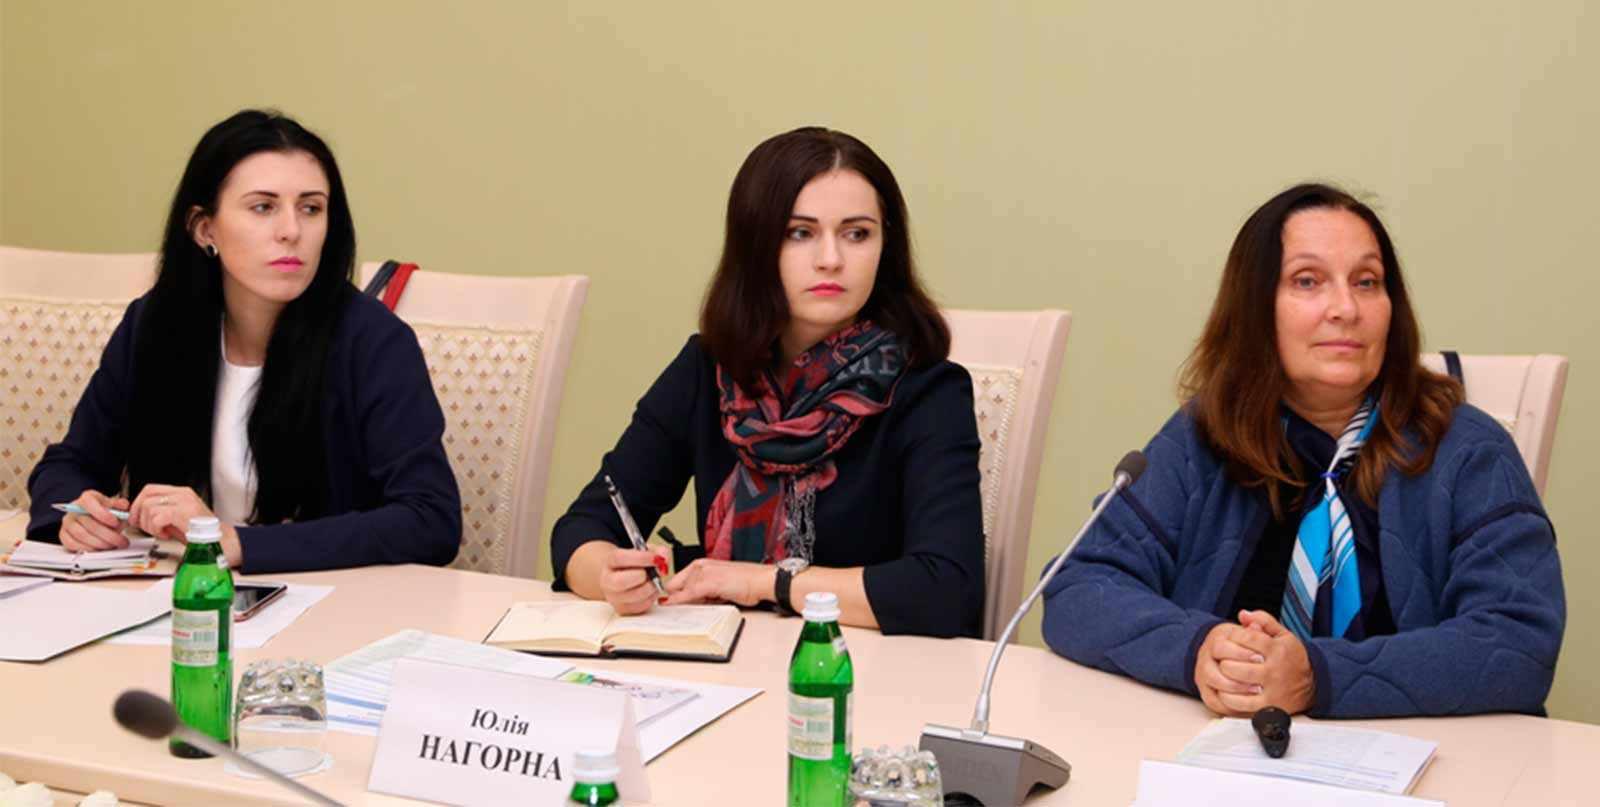 Старші викладачі кафедри українознавства та іноземних мов Катерина Тимофіїва та Юлія Нагорна